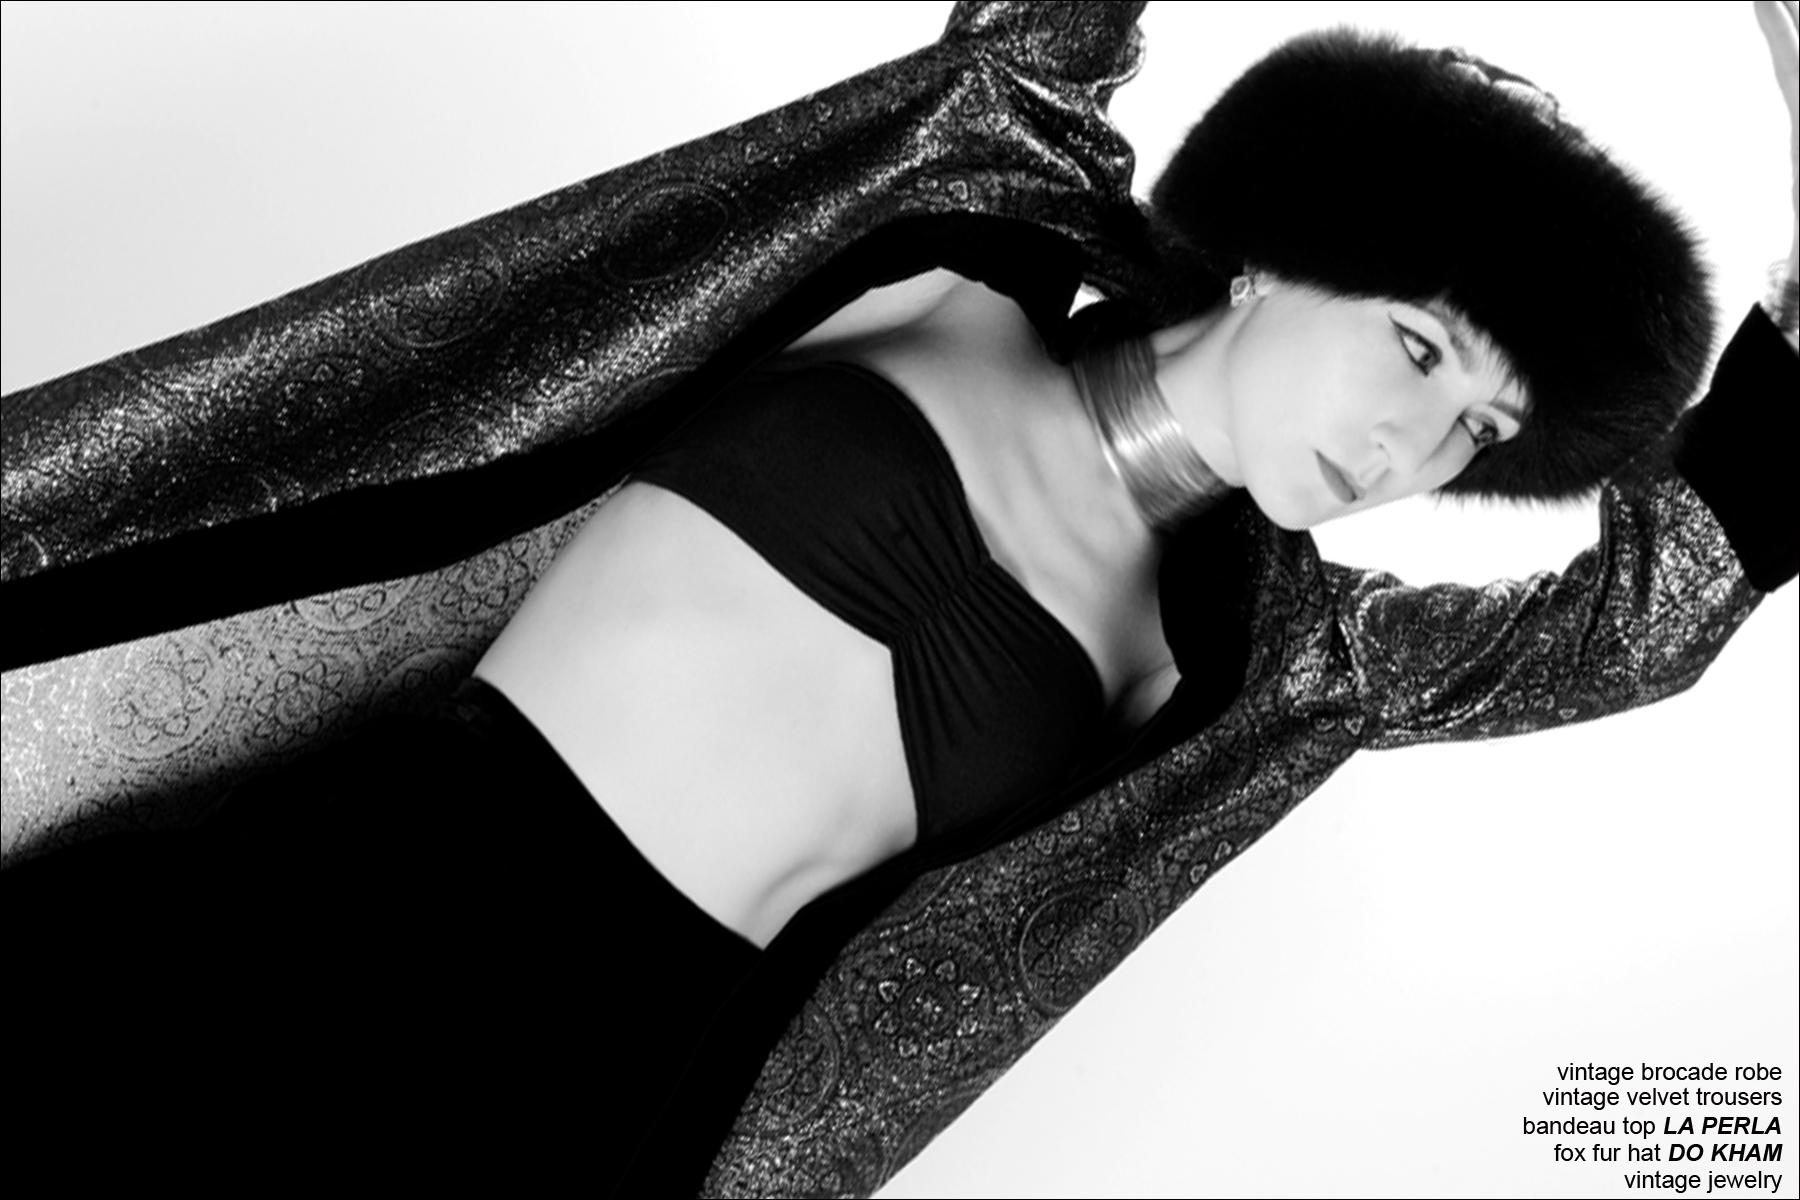 Doyle+Mueser menswear designer Amber Doyle models for Ponyboy Magazine, photographed by Alexander Thompson.